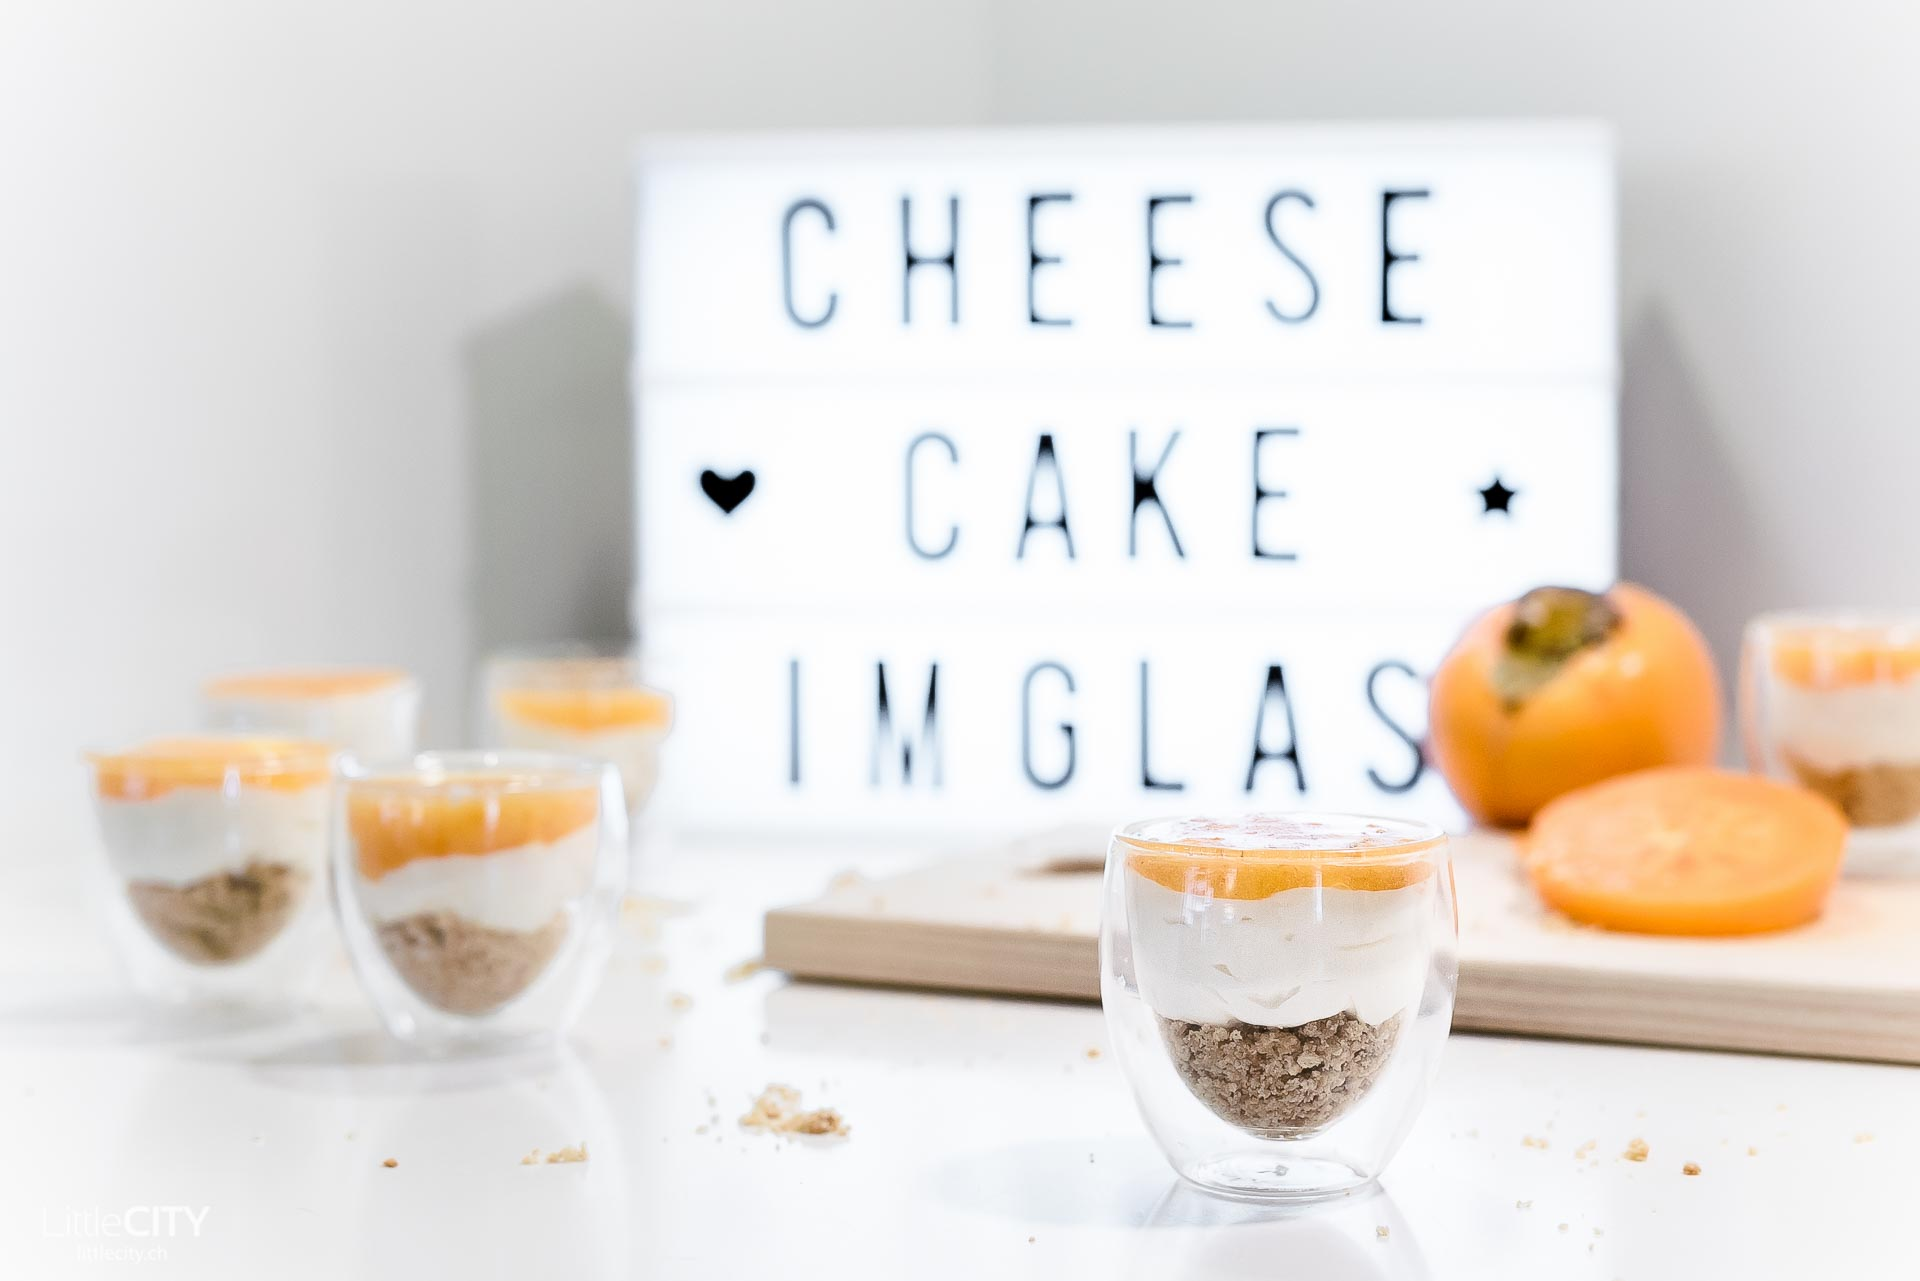 Cheese Cake Dessert im Glas mit Kaki